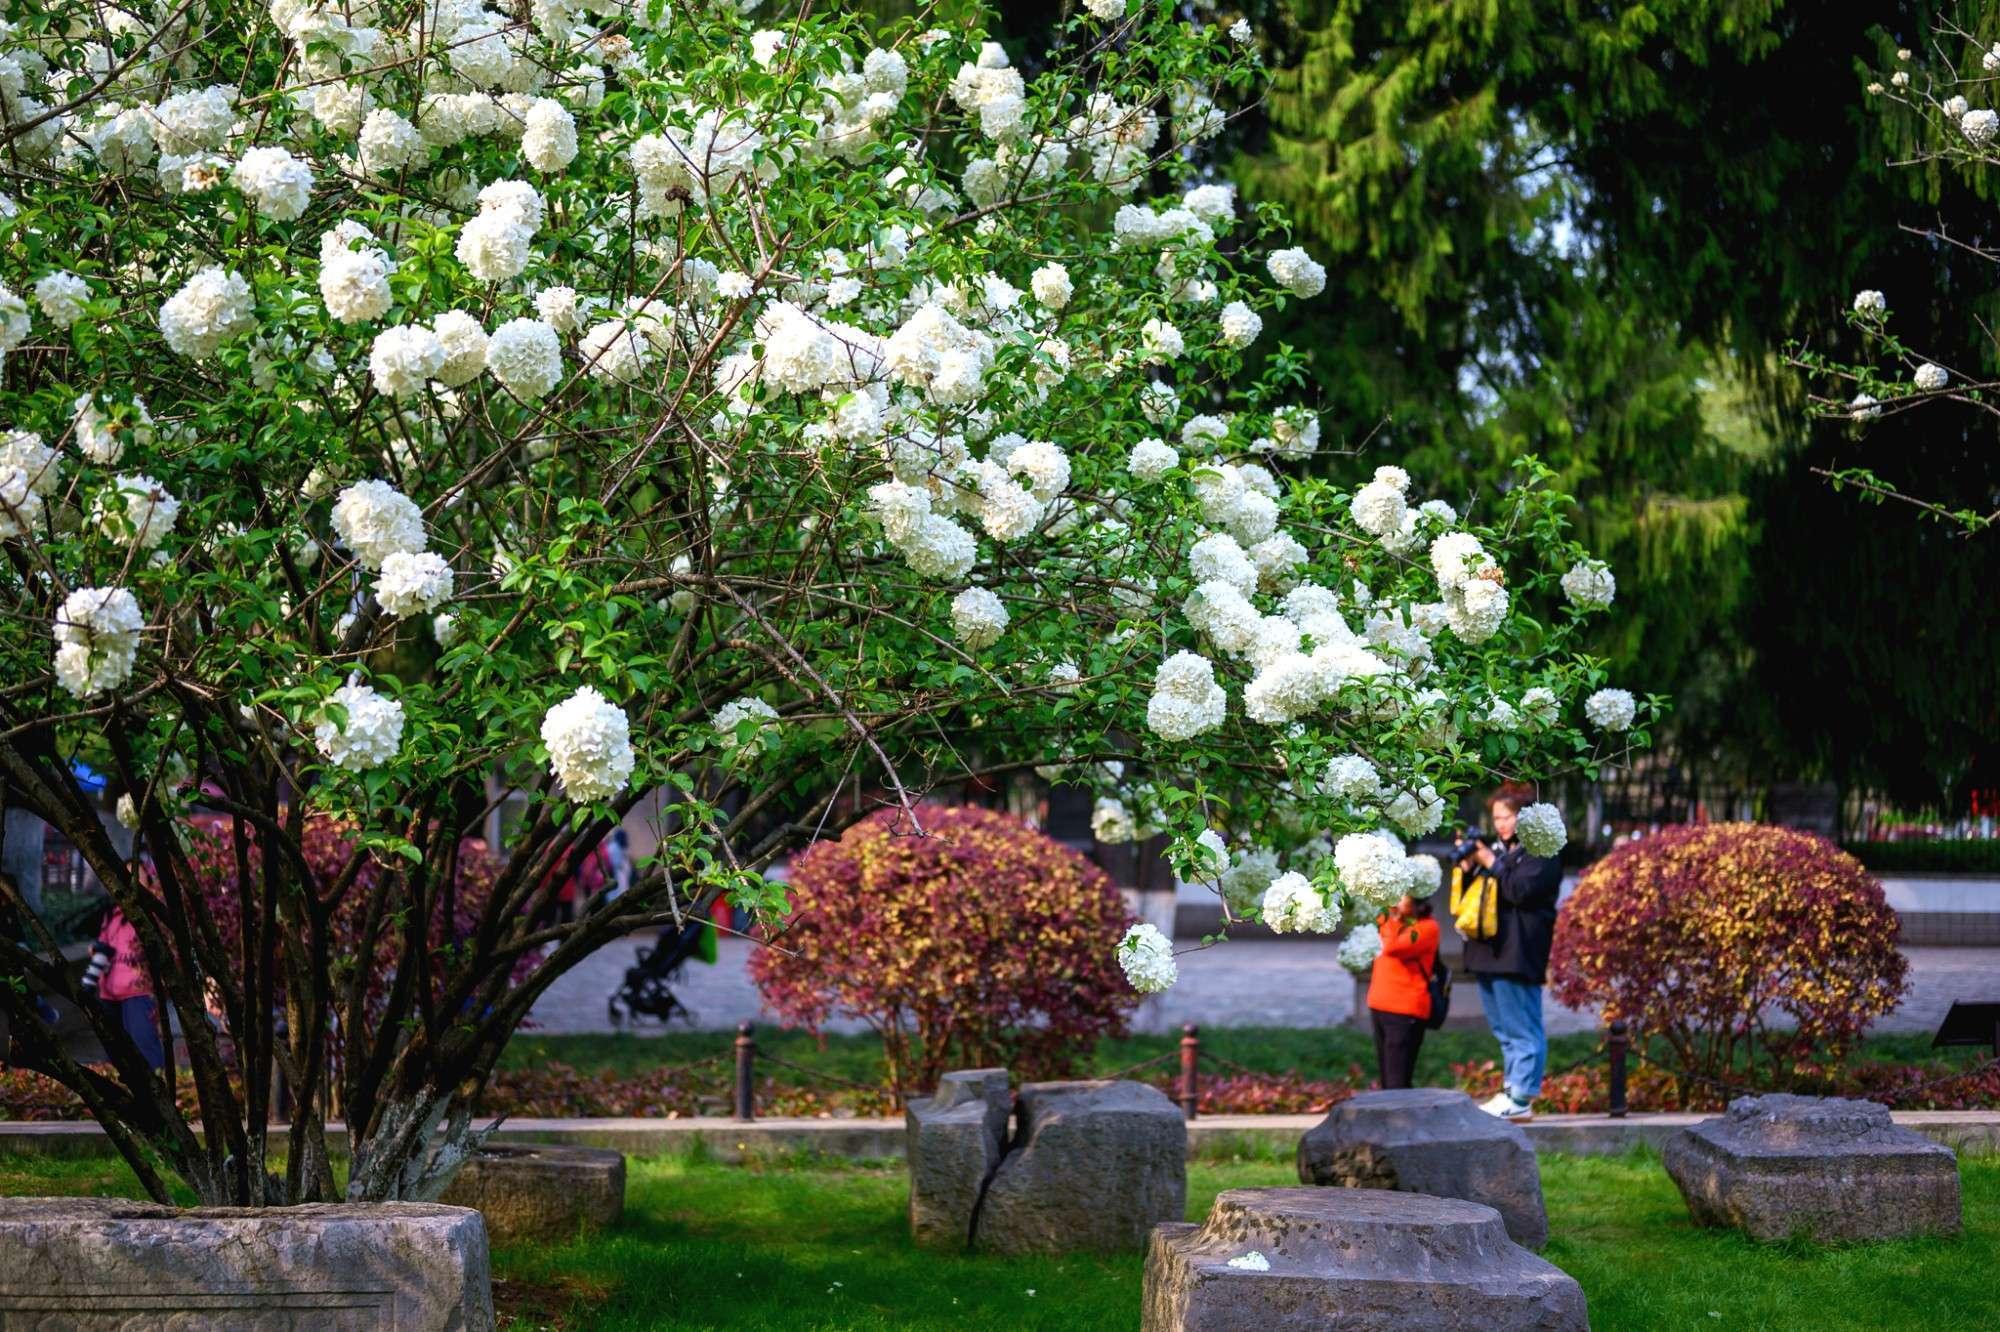 又到一年绣球花开时,南京这2个地方是最佳的观赏地,门票都免费